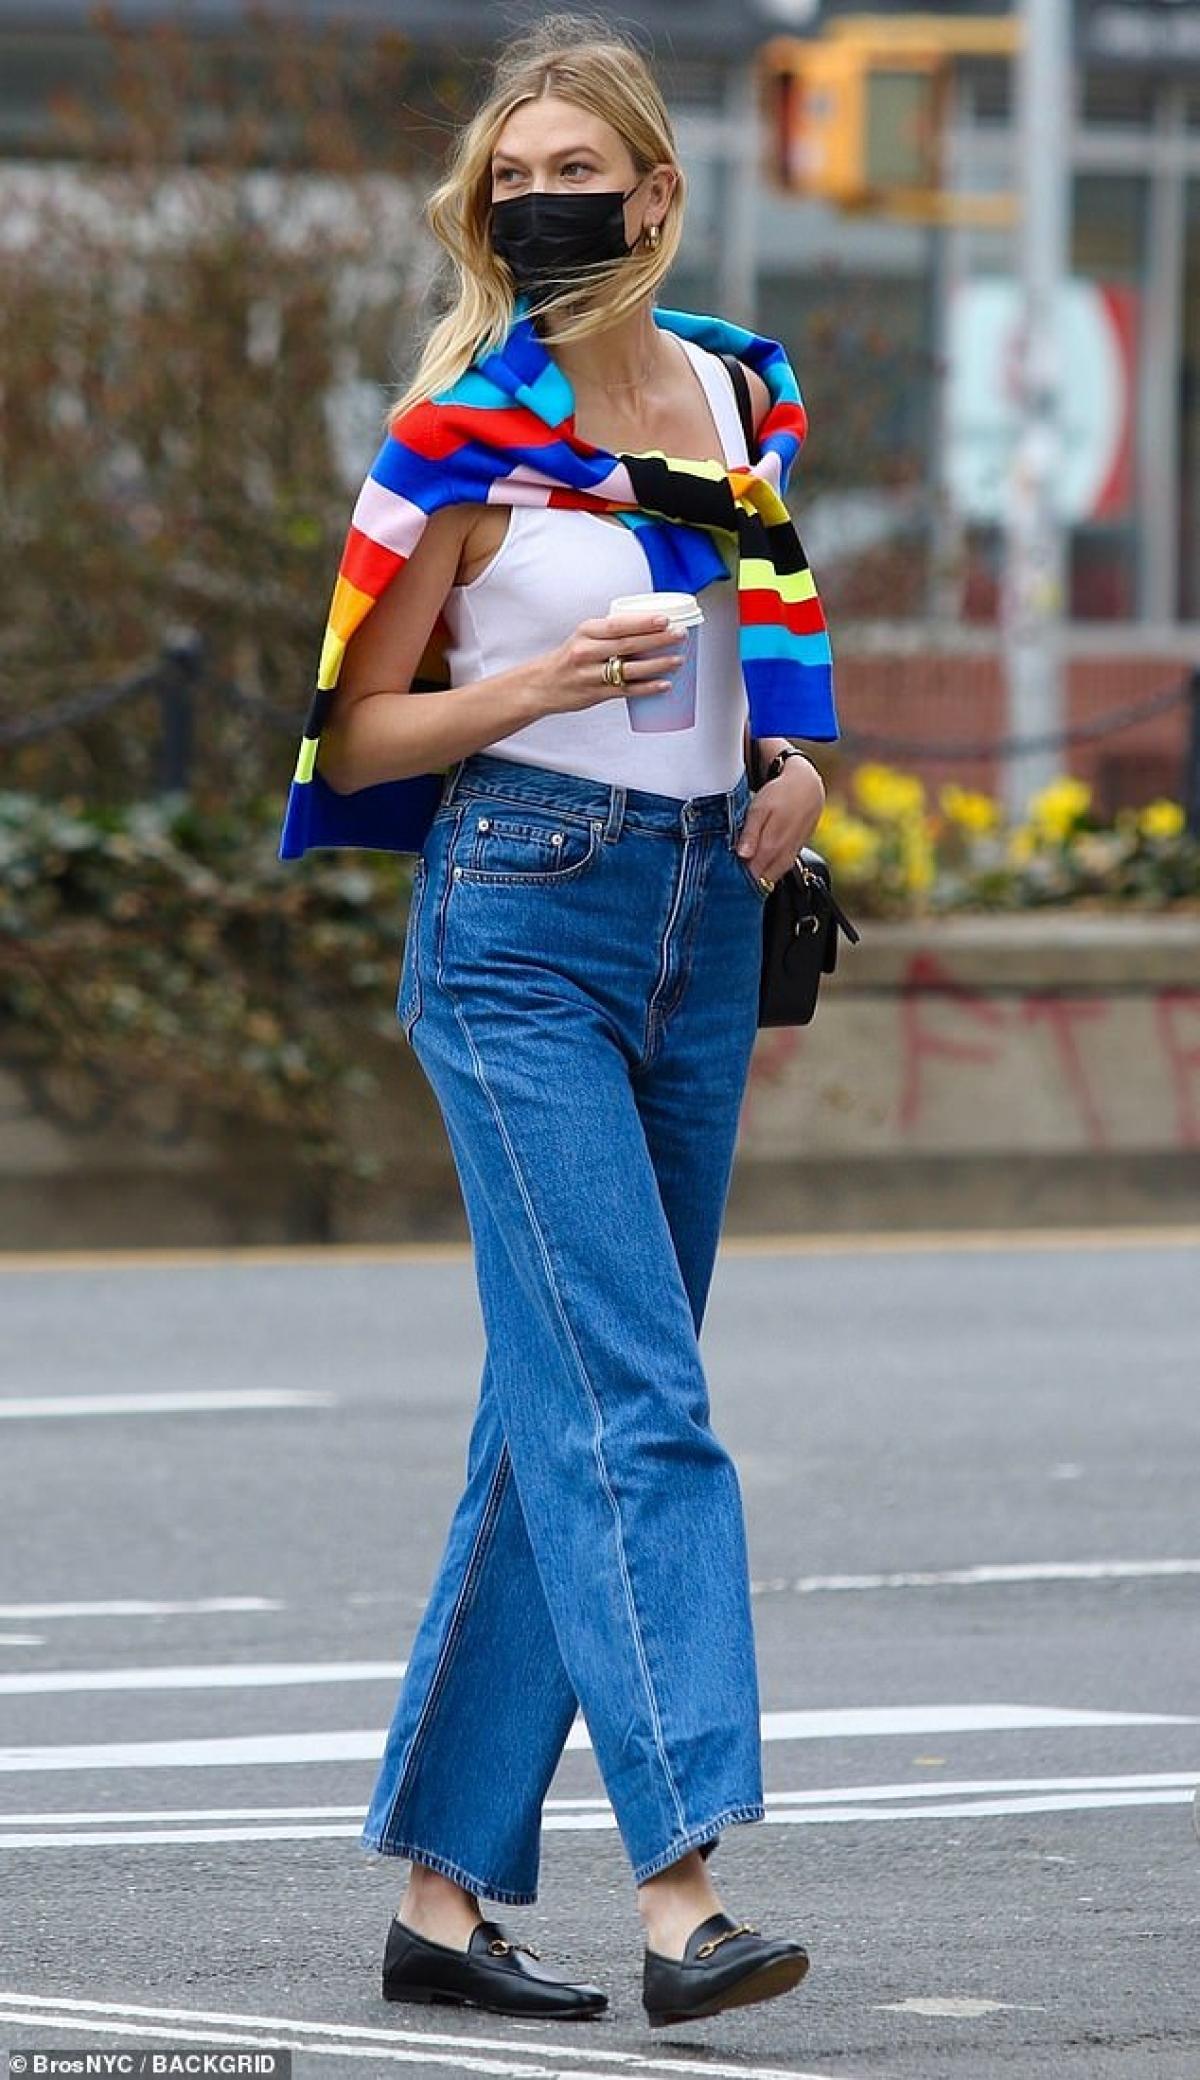 Hôm 9/4, Karlie Kloss một mình đi dạo ở thành phố New York, Mỹ.